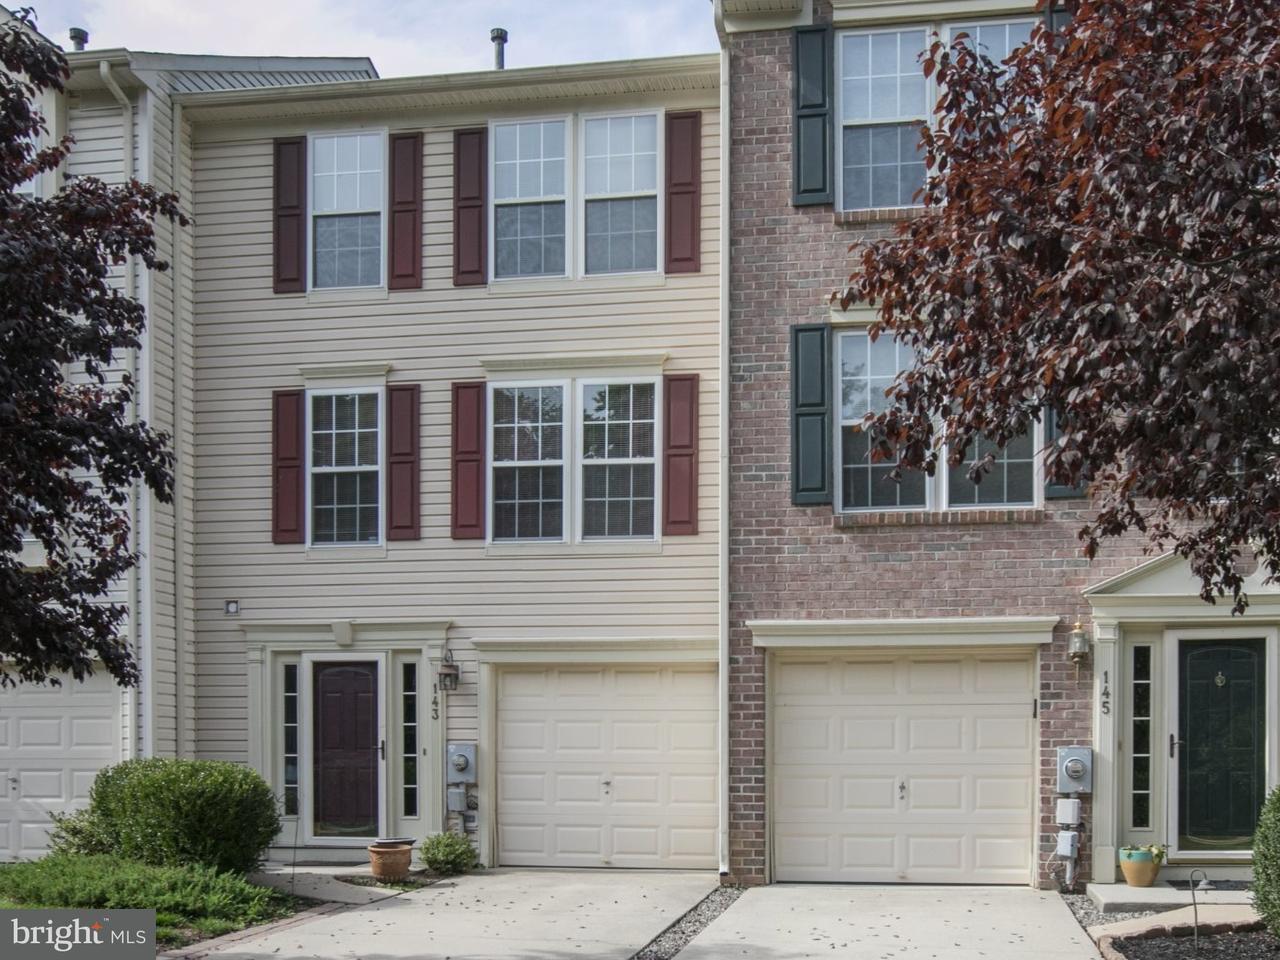 联栋屋 为 销售 在 143 VALLEY FORGE WAY Woodbury, 新泽西州 08096 美国